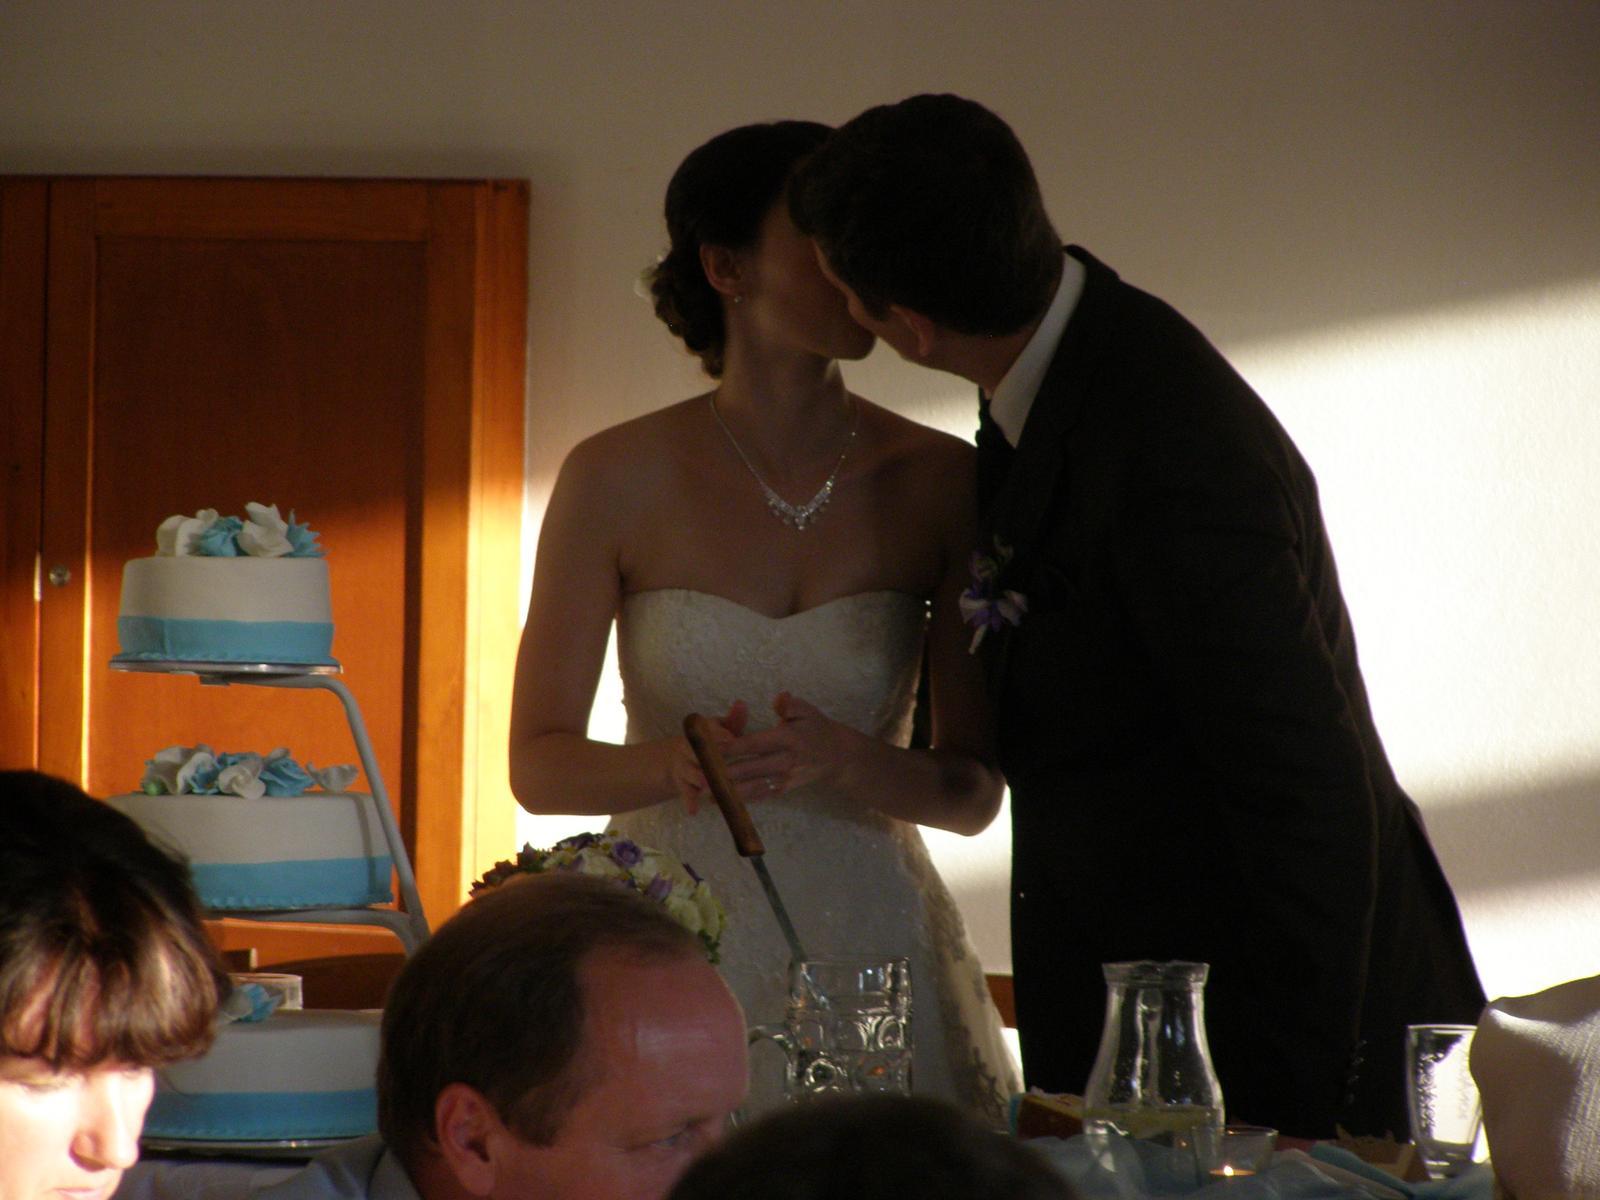 Pivovar Podlesí - svatba 2.9.2016 - ...krájení svatebního dortu.... a ani u toho polibek nesmí chybět....    :o)